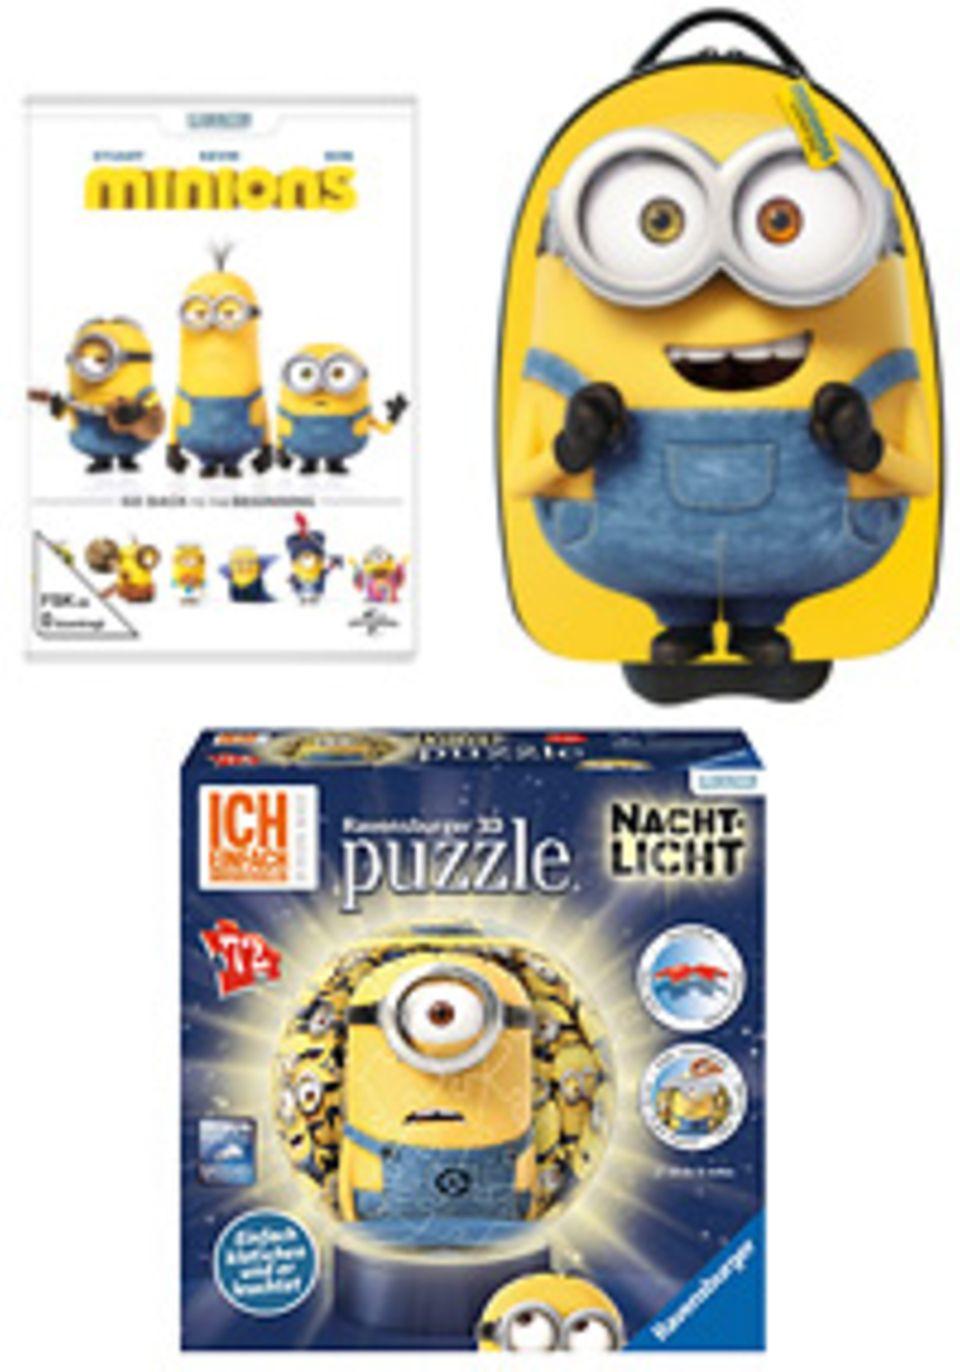 Filmtipp: Das konntet ihr gewinnen: Die DVD zum Film, ein Ravensburger Minions-Nachtlicht als 3D-Puzzle und als Hauptpreis einen Minions-Trolley